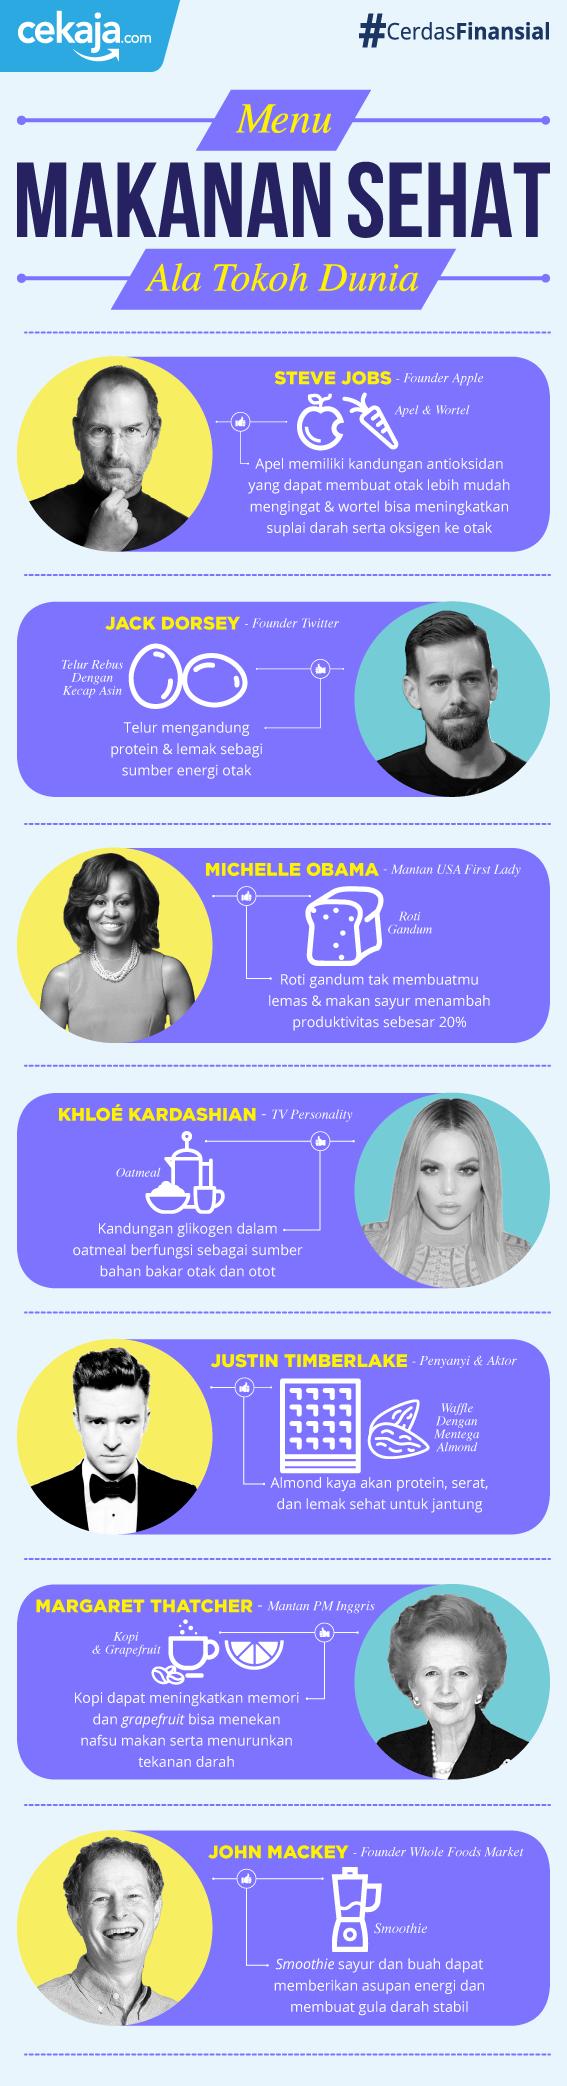 infografis-menu makan sehat orang sukses - CekAja.com